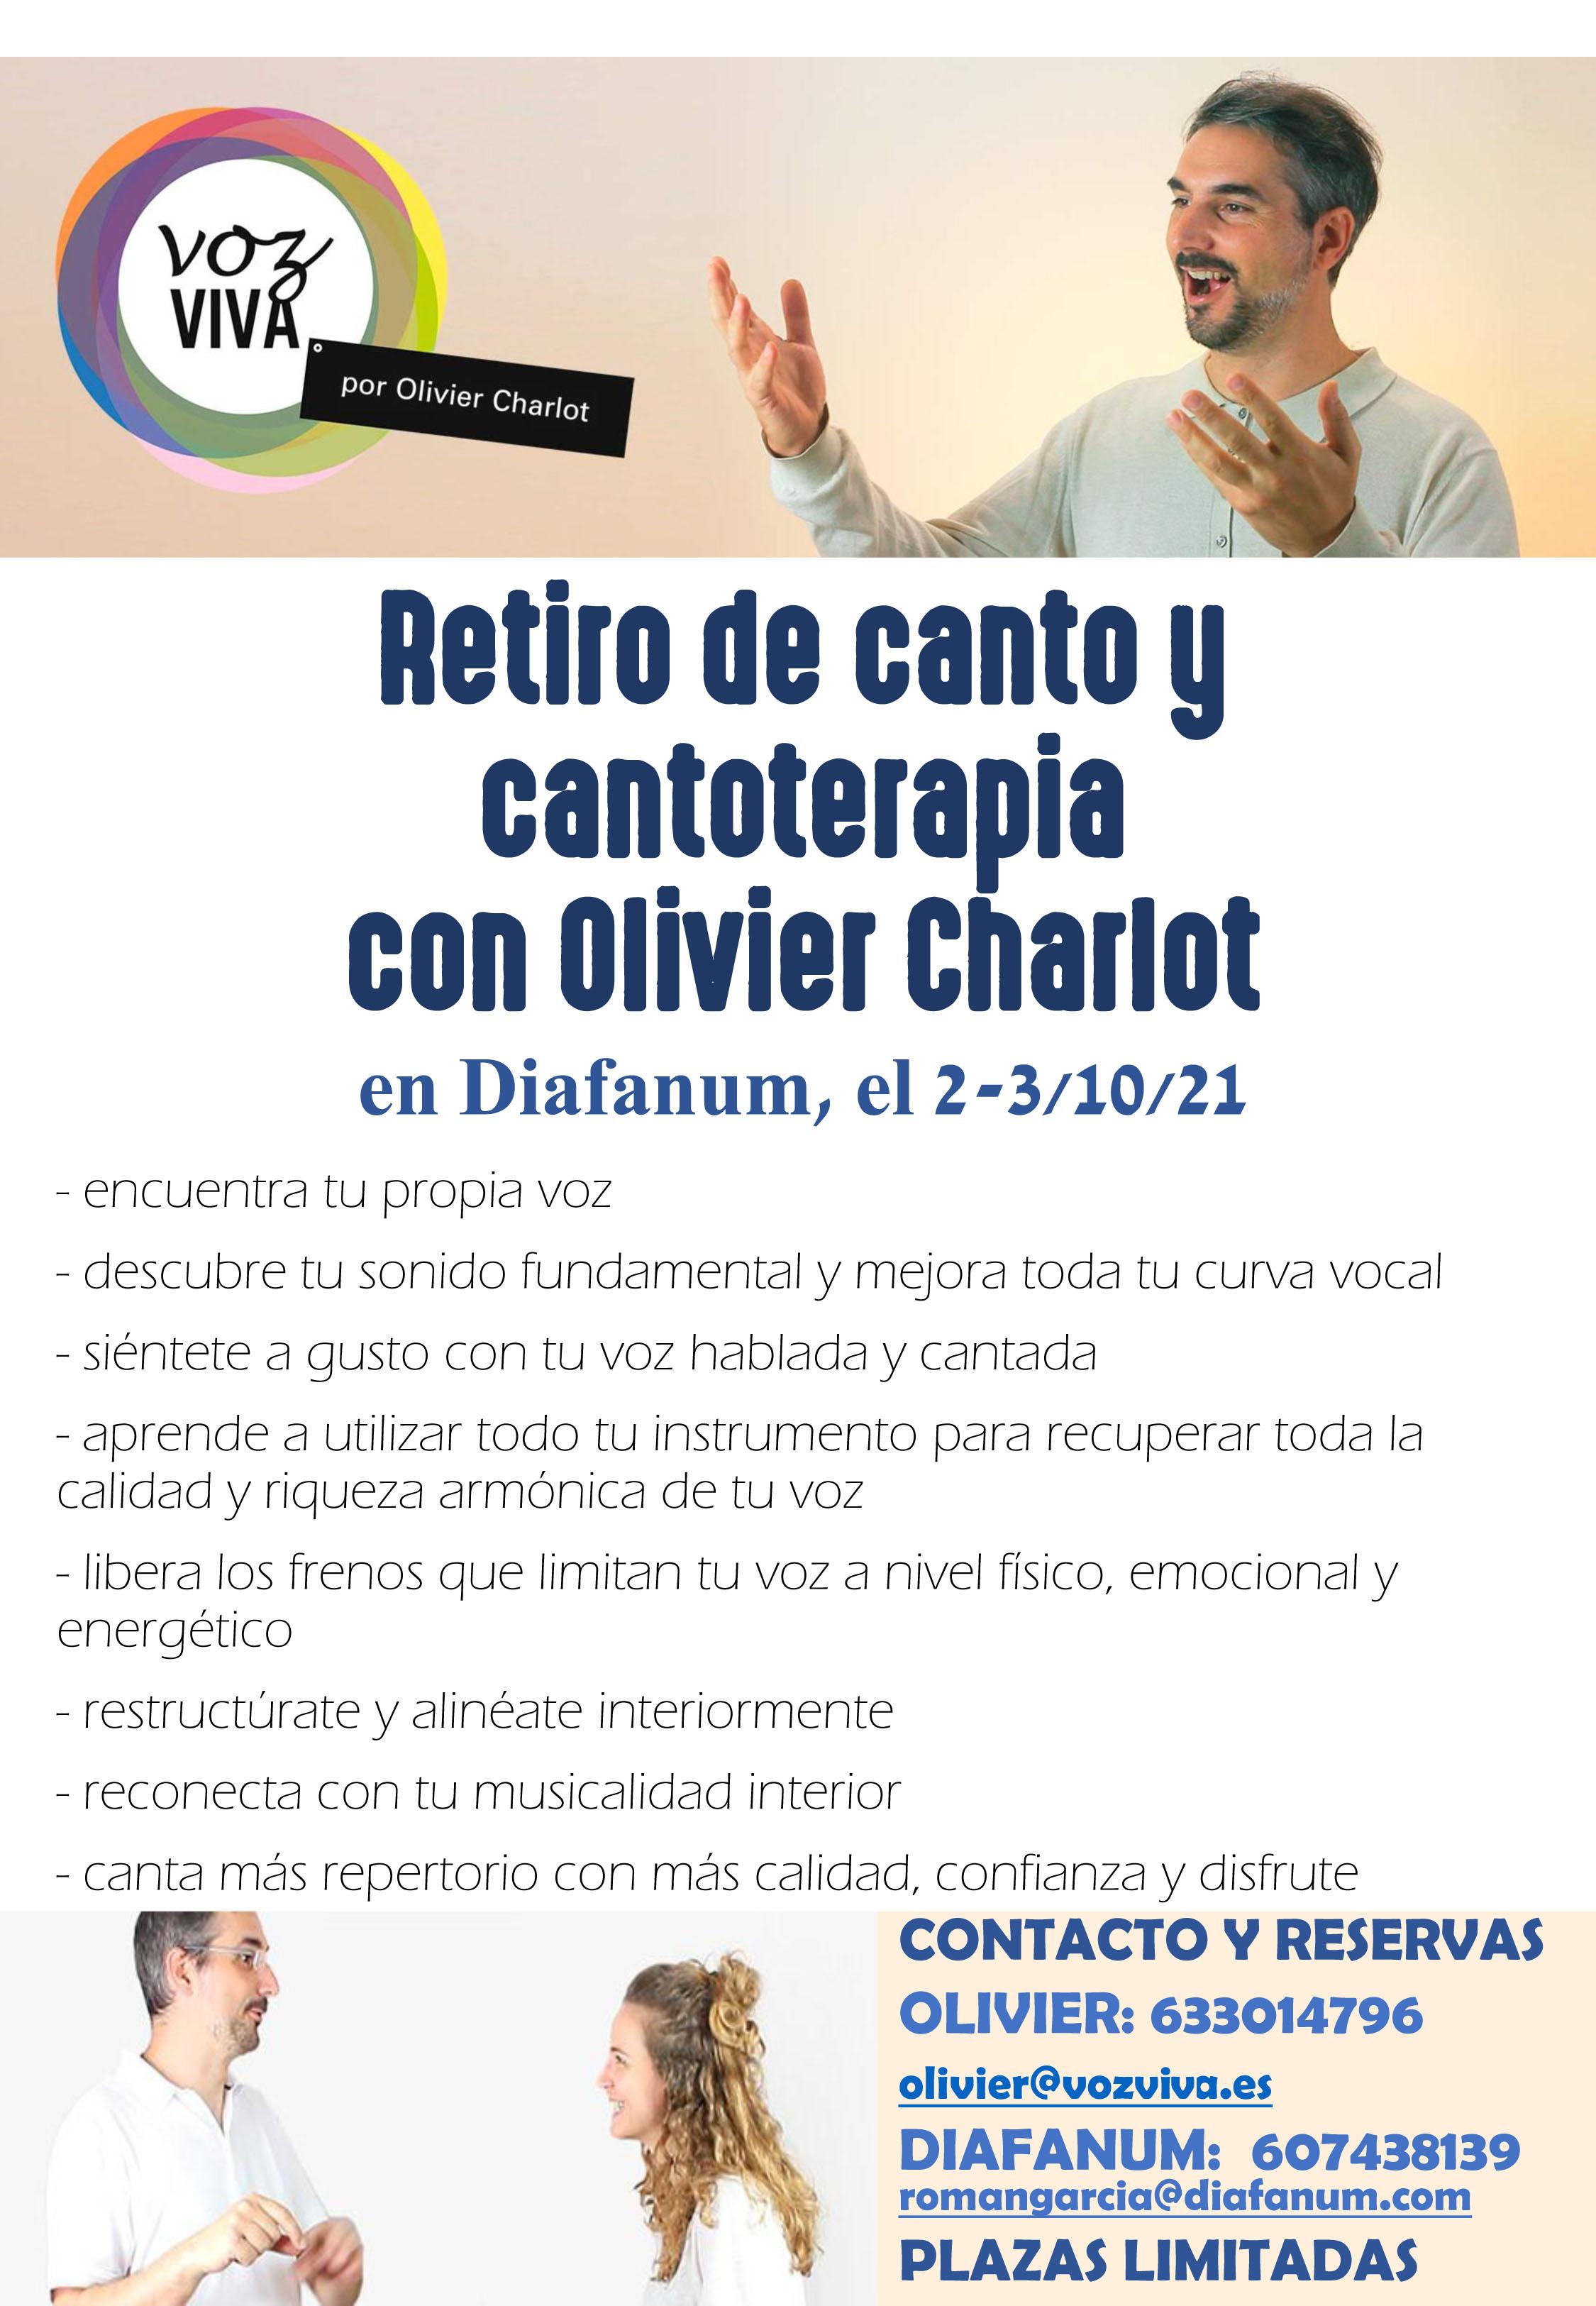 Retiro de canto y cantoterapia con Olivier Charlot